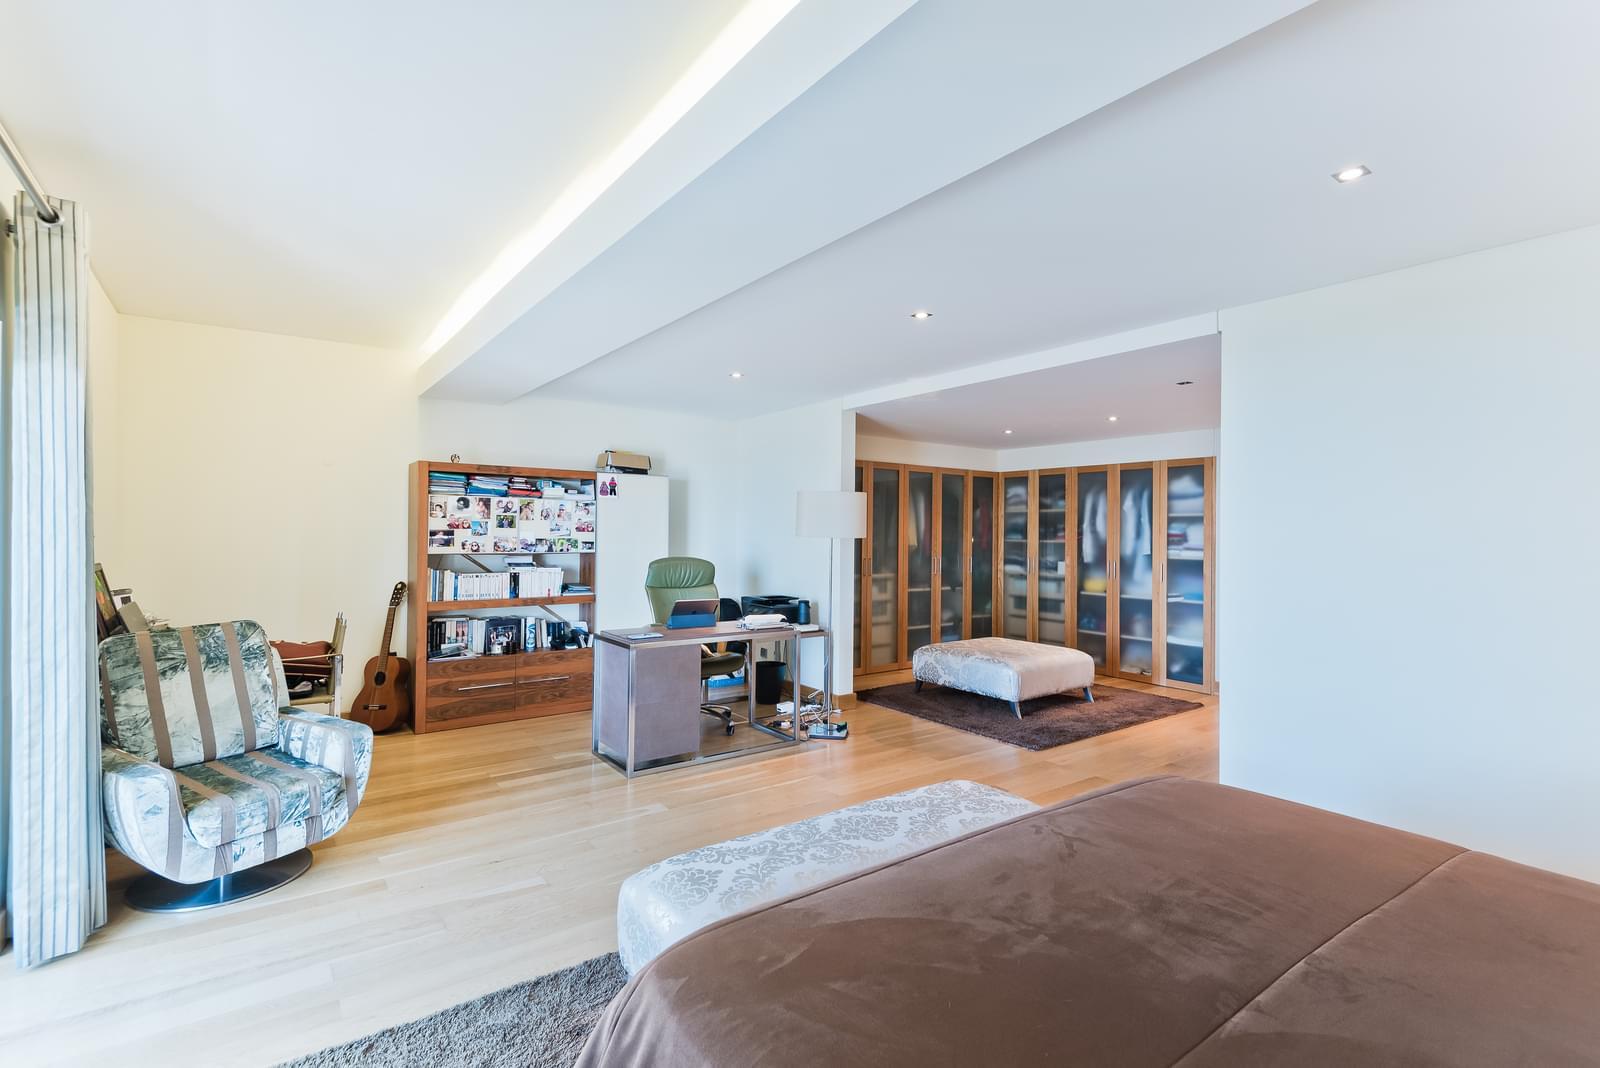 pf18030-apartamento-t4-cascais-2555beda-e779-40a5-a2a9-eb198592e7c0